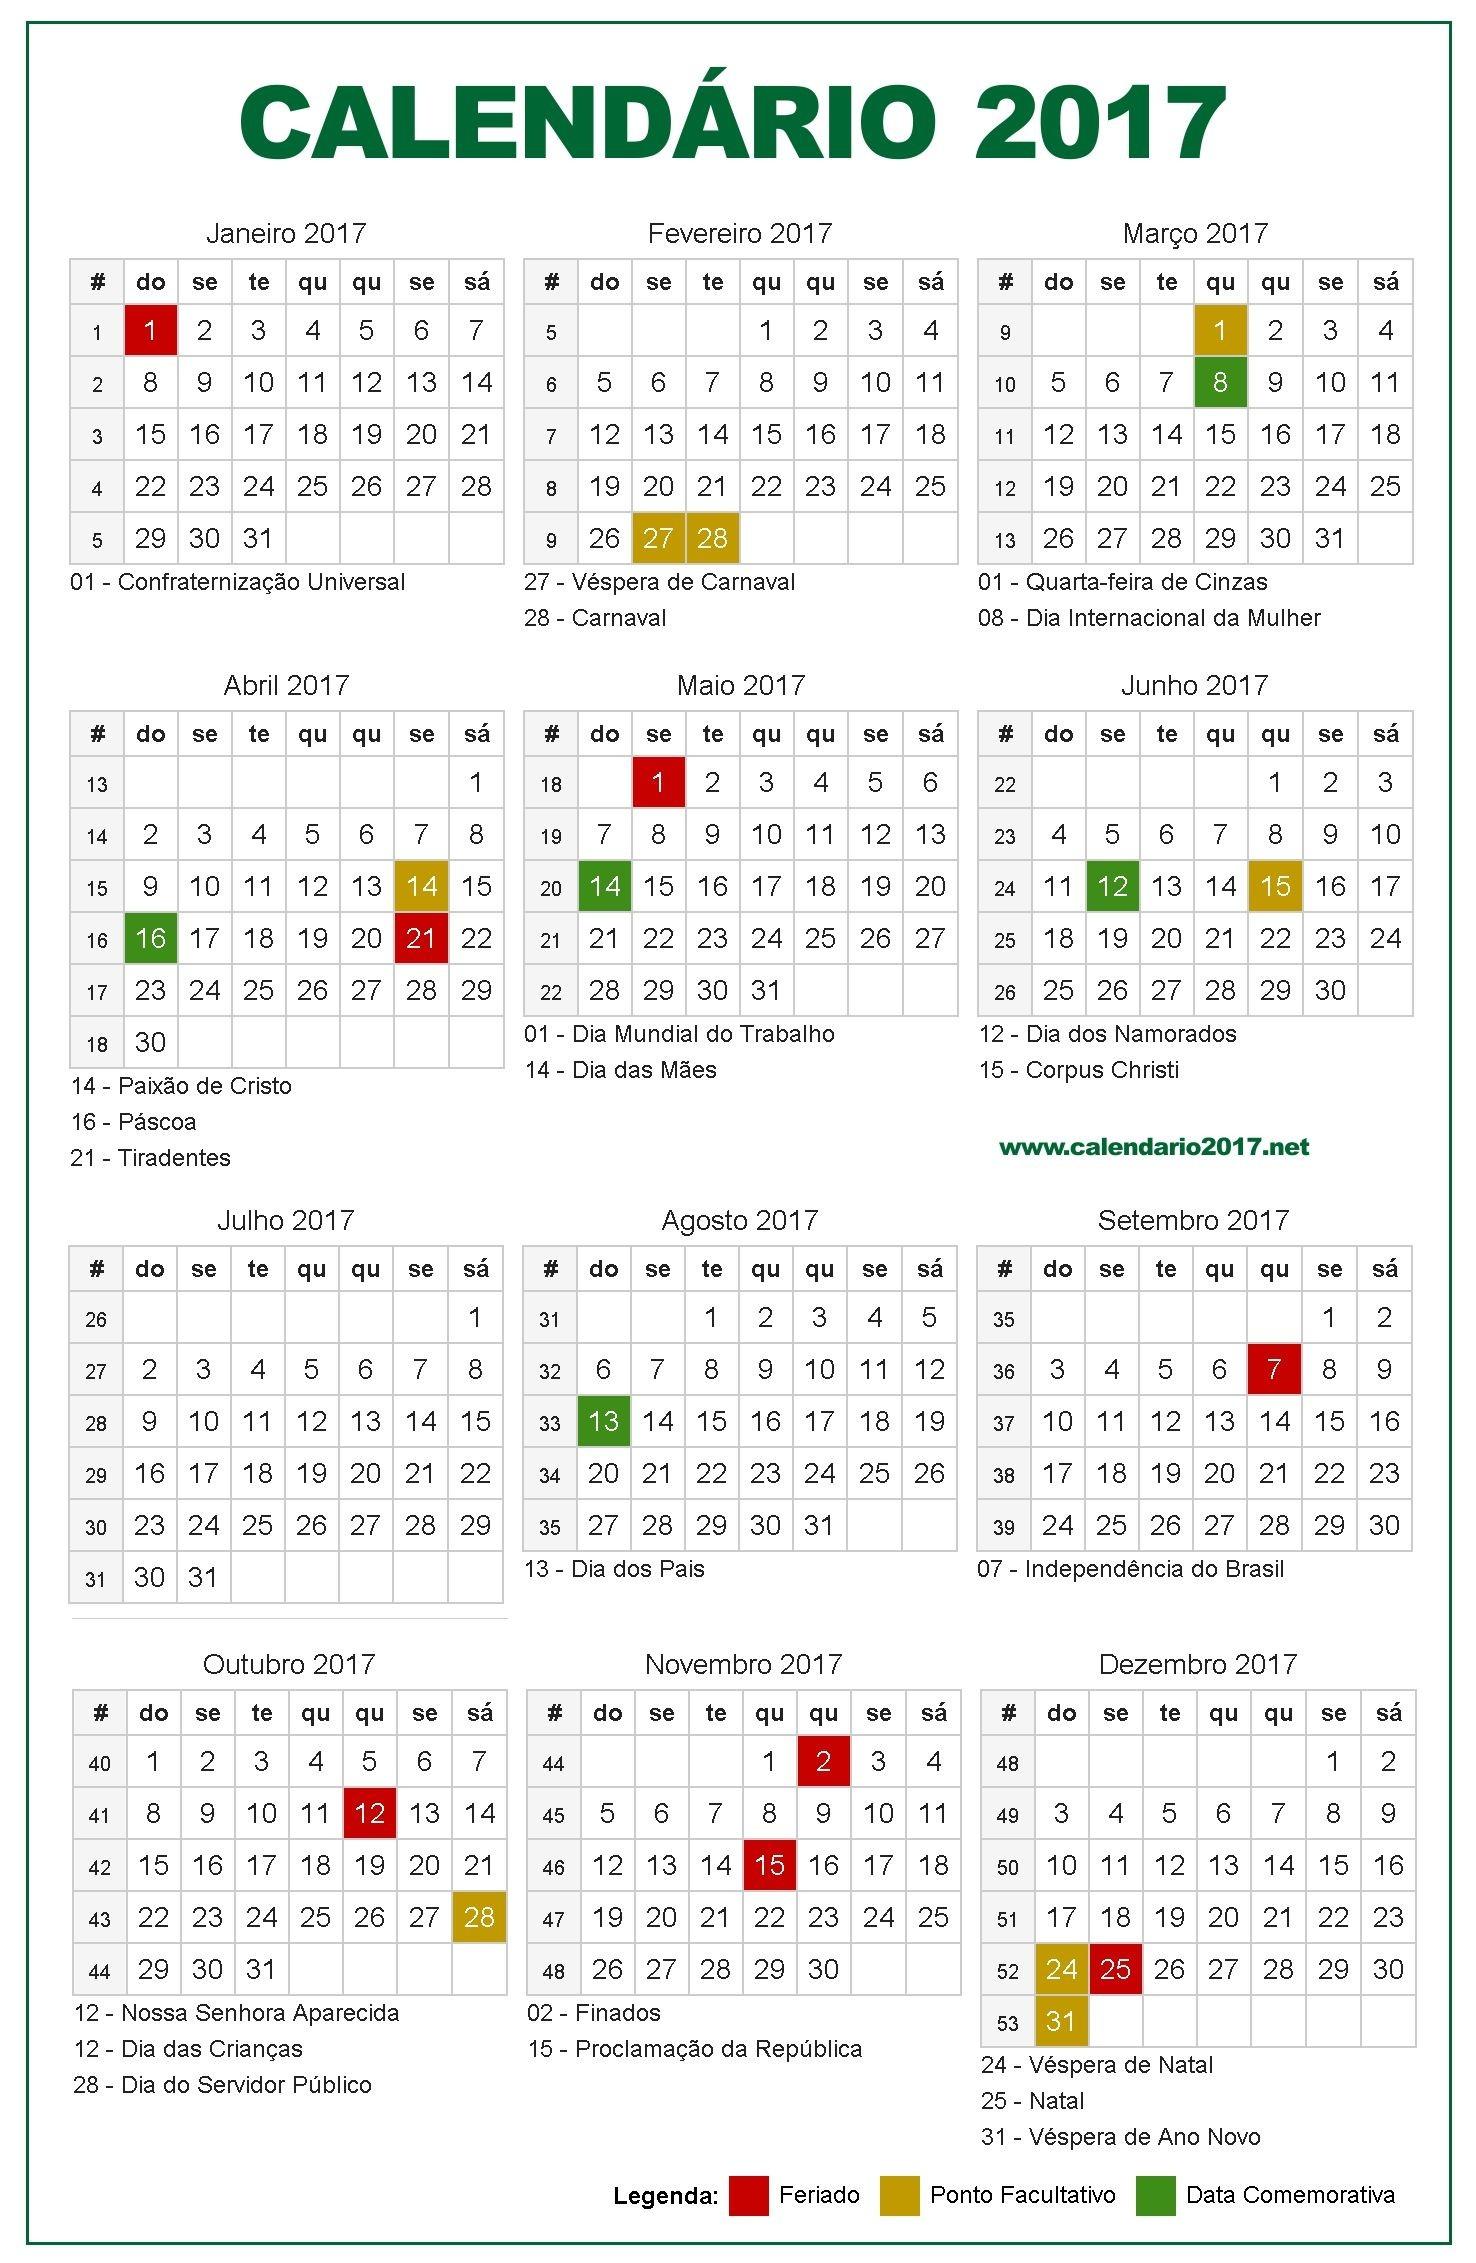 Calendario 2017 En Chile Para Imprimir Más Recientes Carteira Letter Seletus T Letras Of Calendario 2017 En Chile Para Imprimir Actual Calendario Dezembro 2018 Para Imprimir Pdf